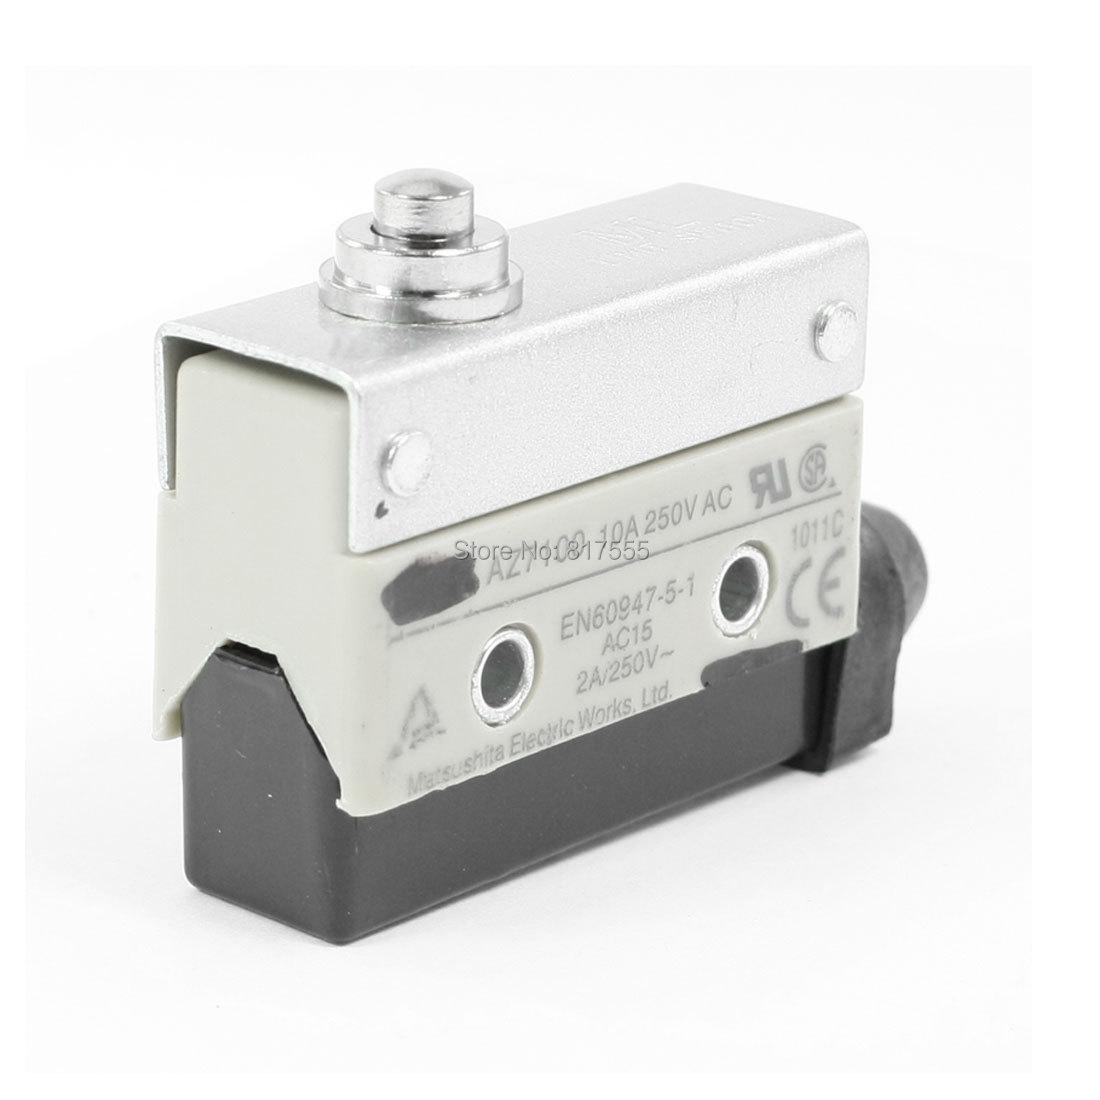 AZ7100 SPST 1 NO 1 NC Momentary Basic Limit Switch Microswitch Discount 50(China (Mainland))